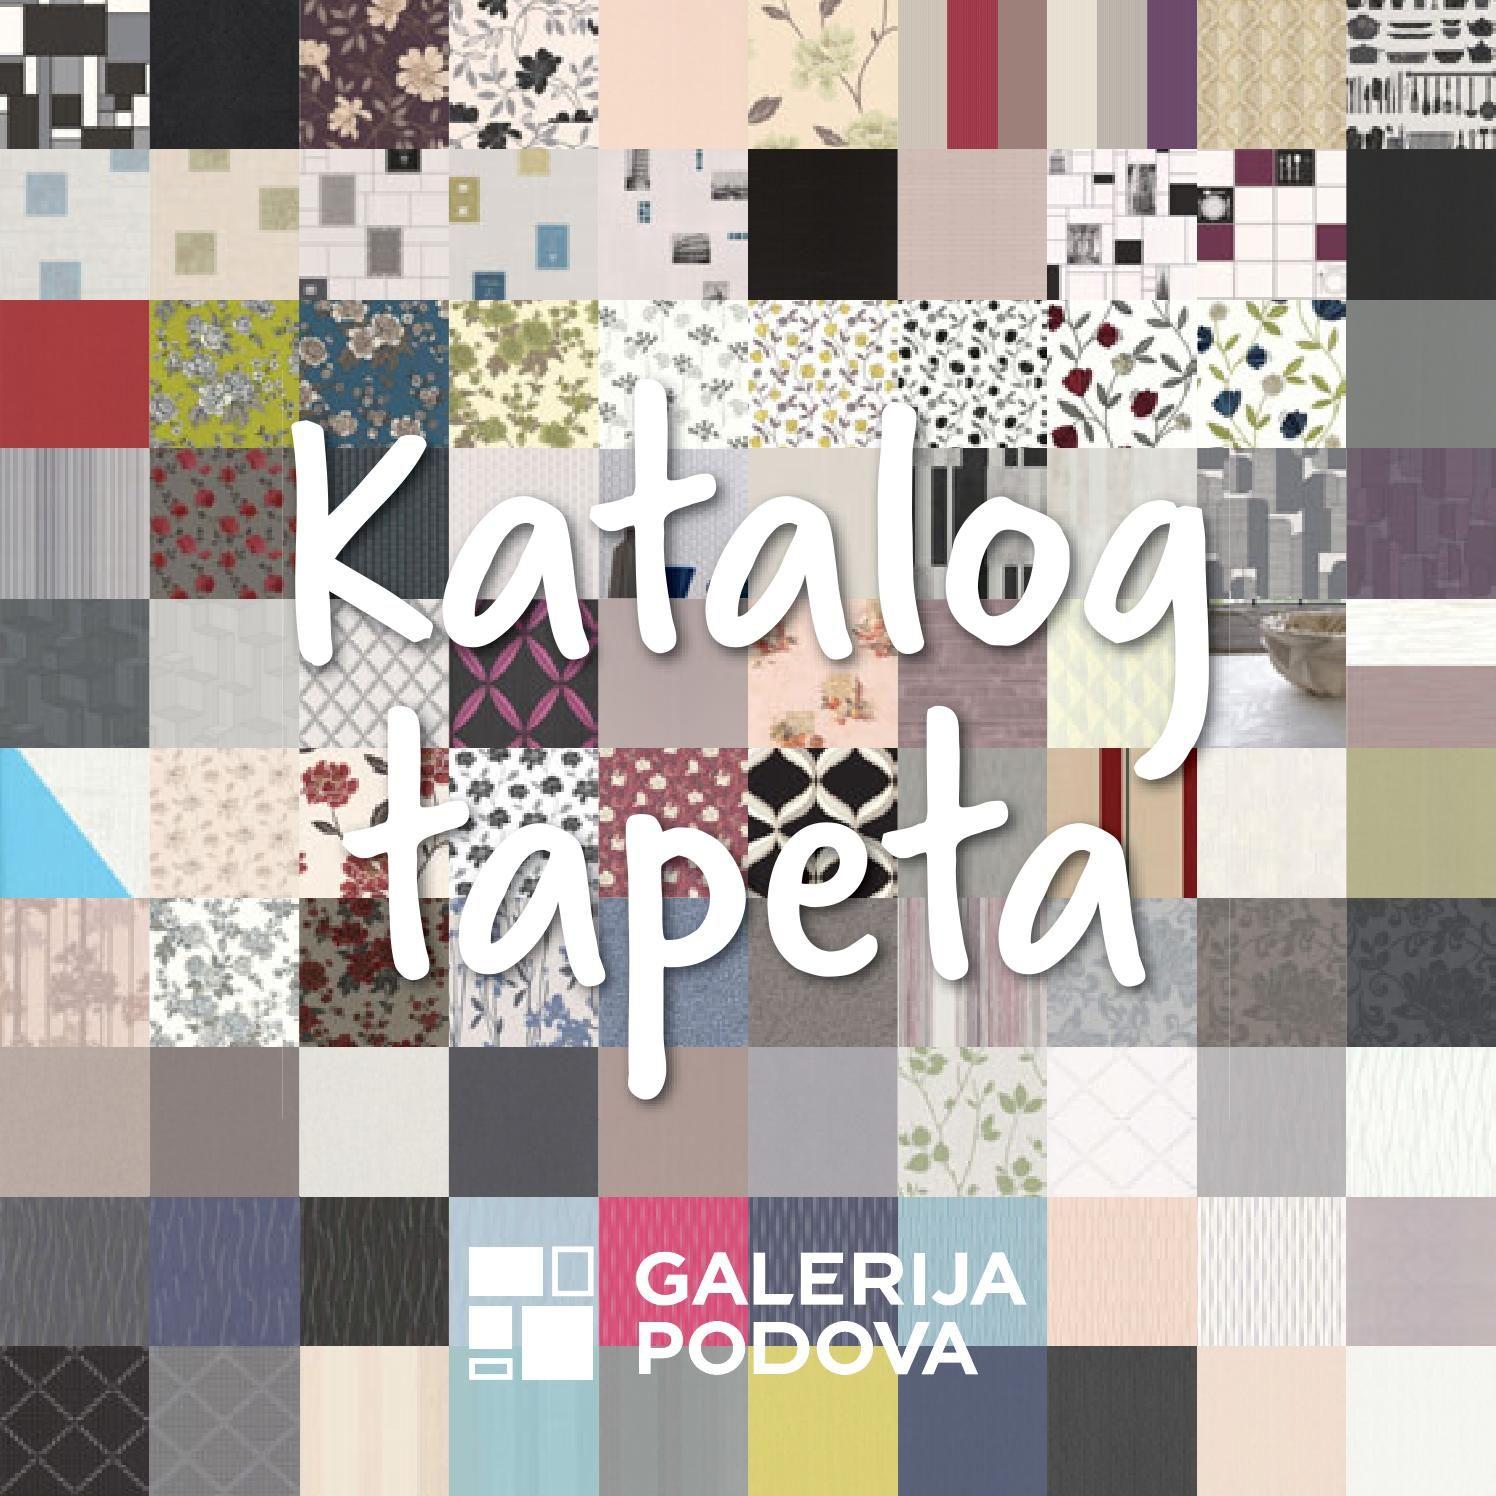 Katalog tapeta Galerije Podova II  Tapete - pravo osveženje za vaš dom.